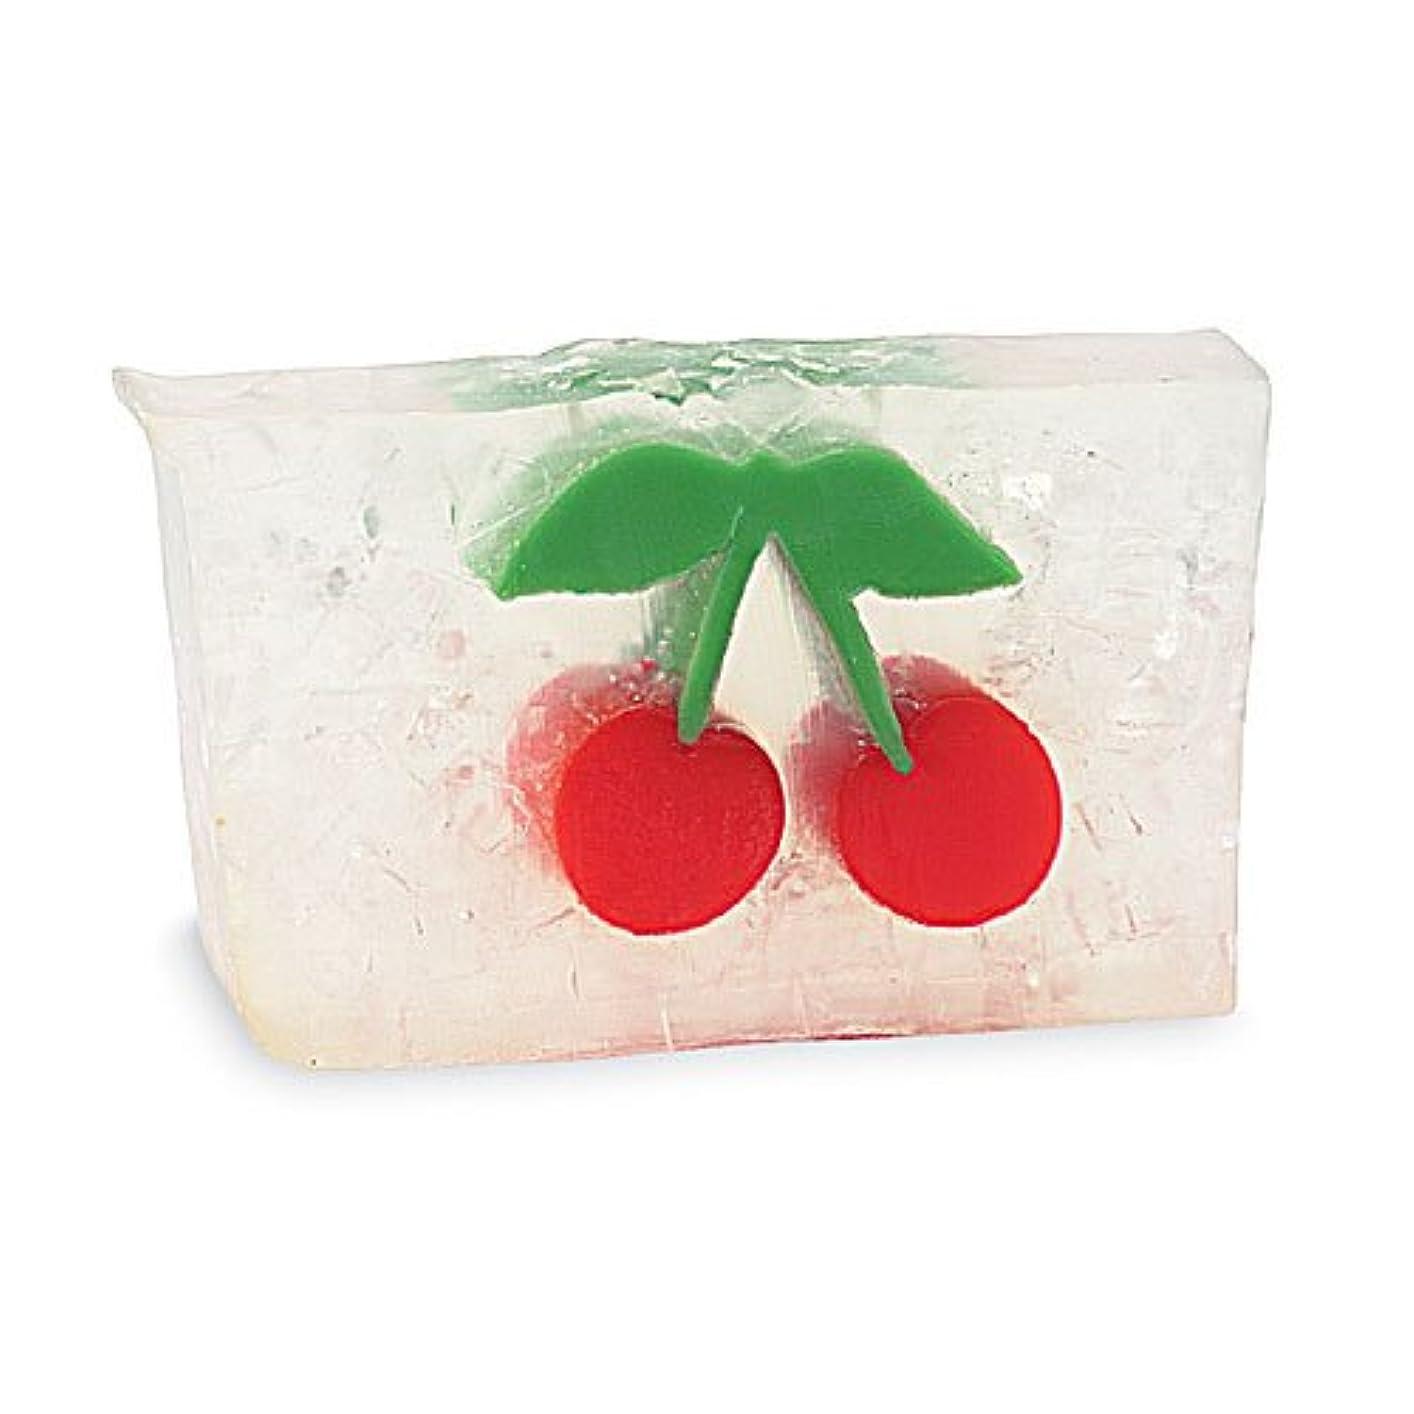 タンザニア滑り台満州プライモールエレメンツ アロマティック ソープ チェリー 180g 植物性 ナチュラル 石鹸 無添加